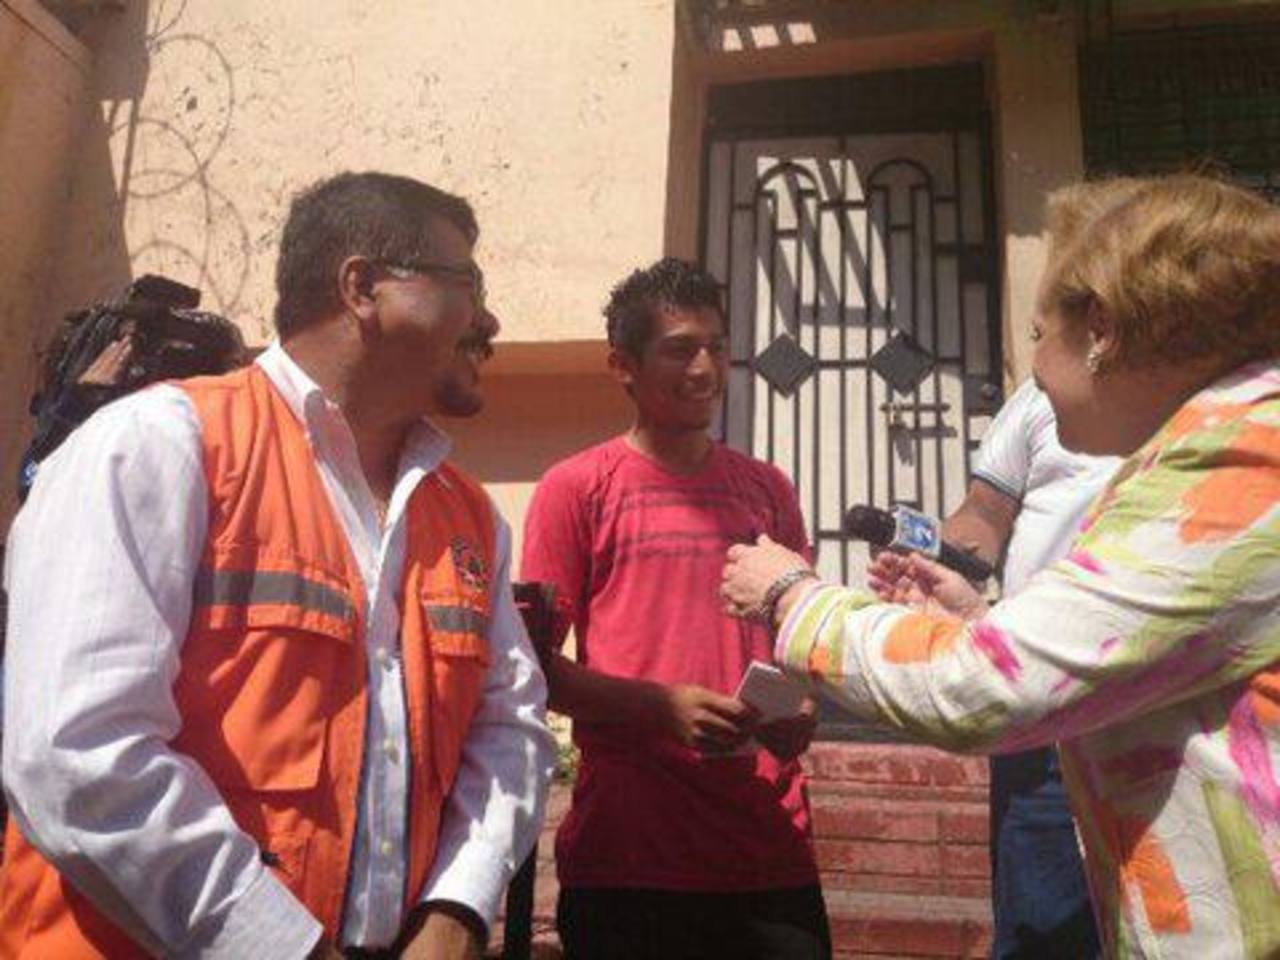 Autoridades entregan guías de prevención en barrio Santa Anita.